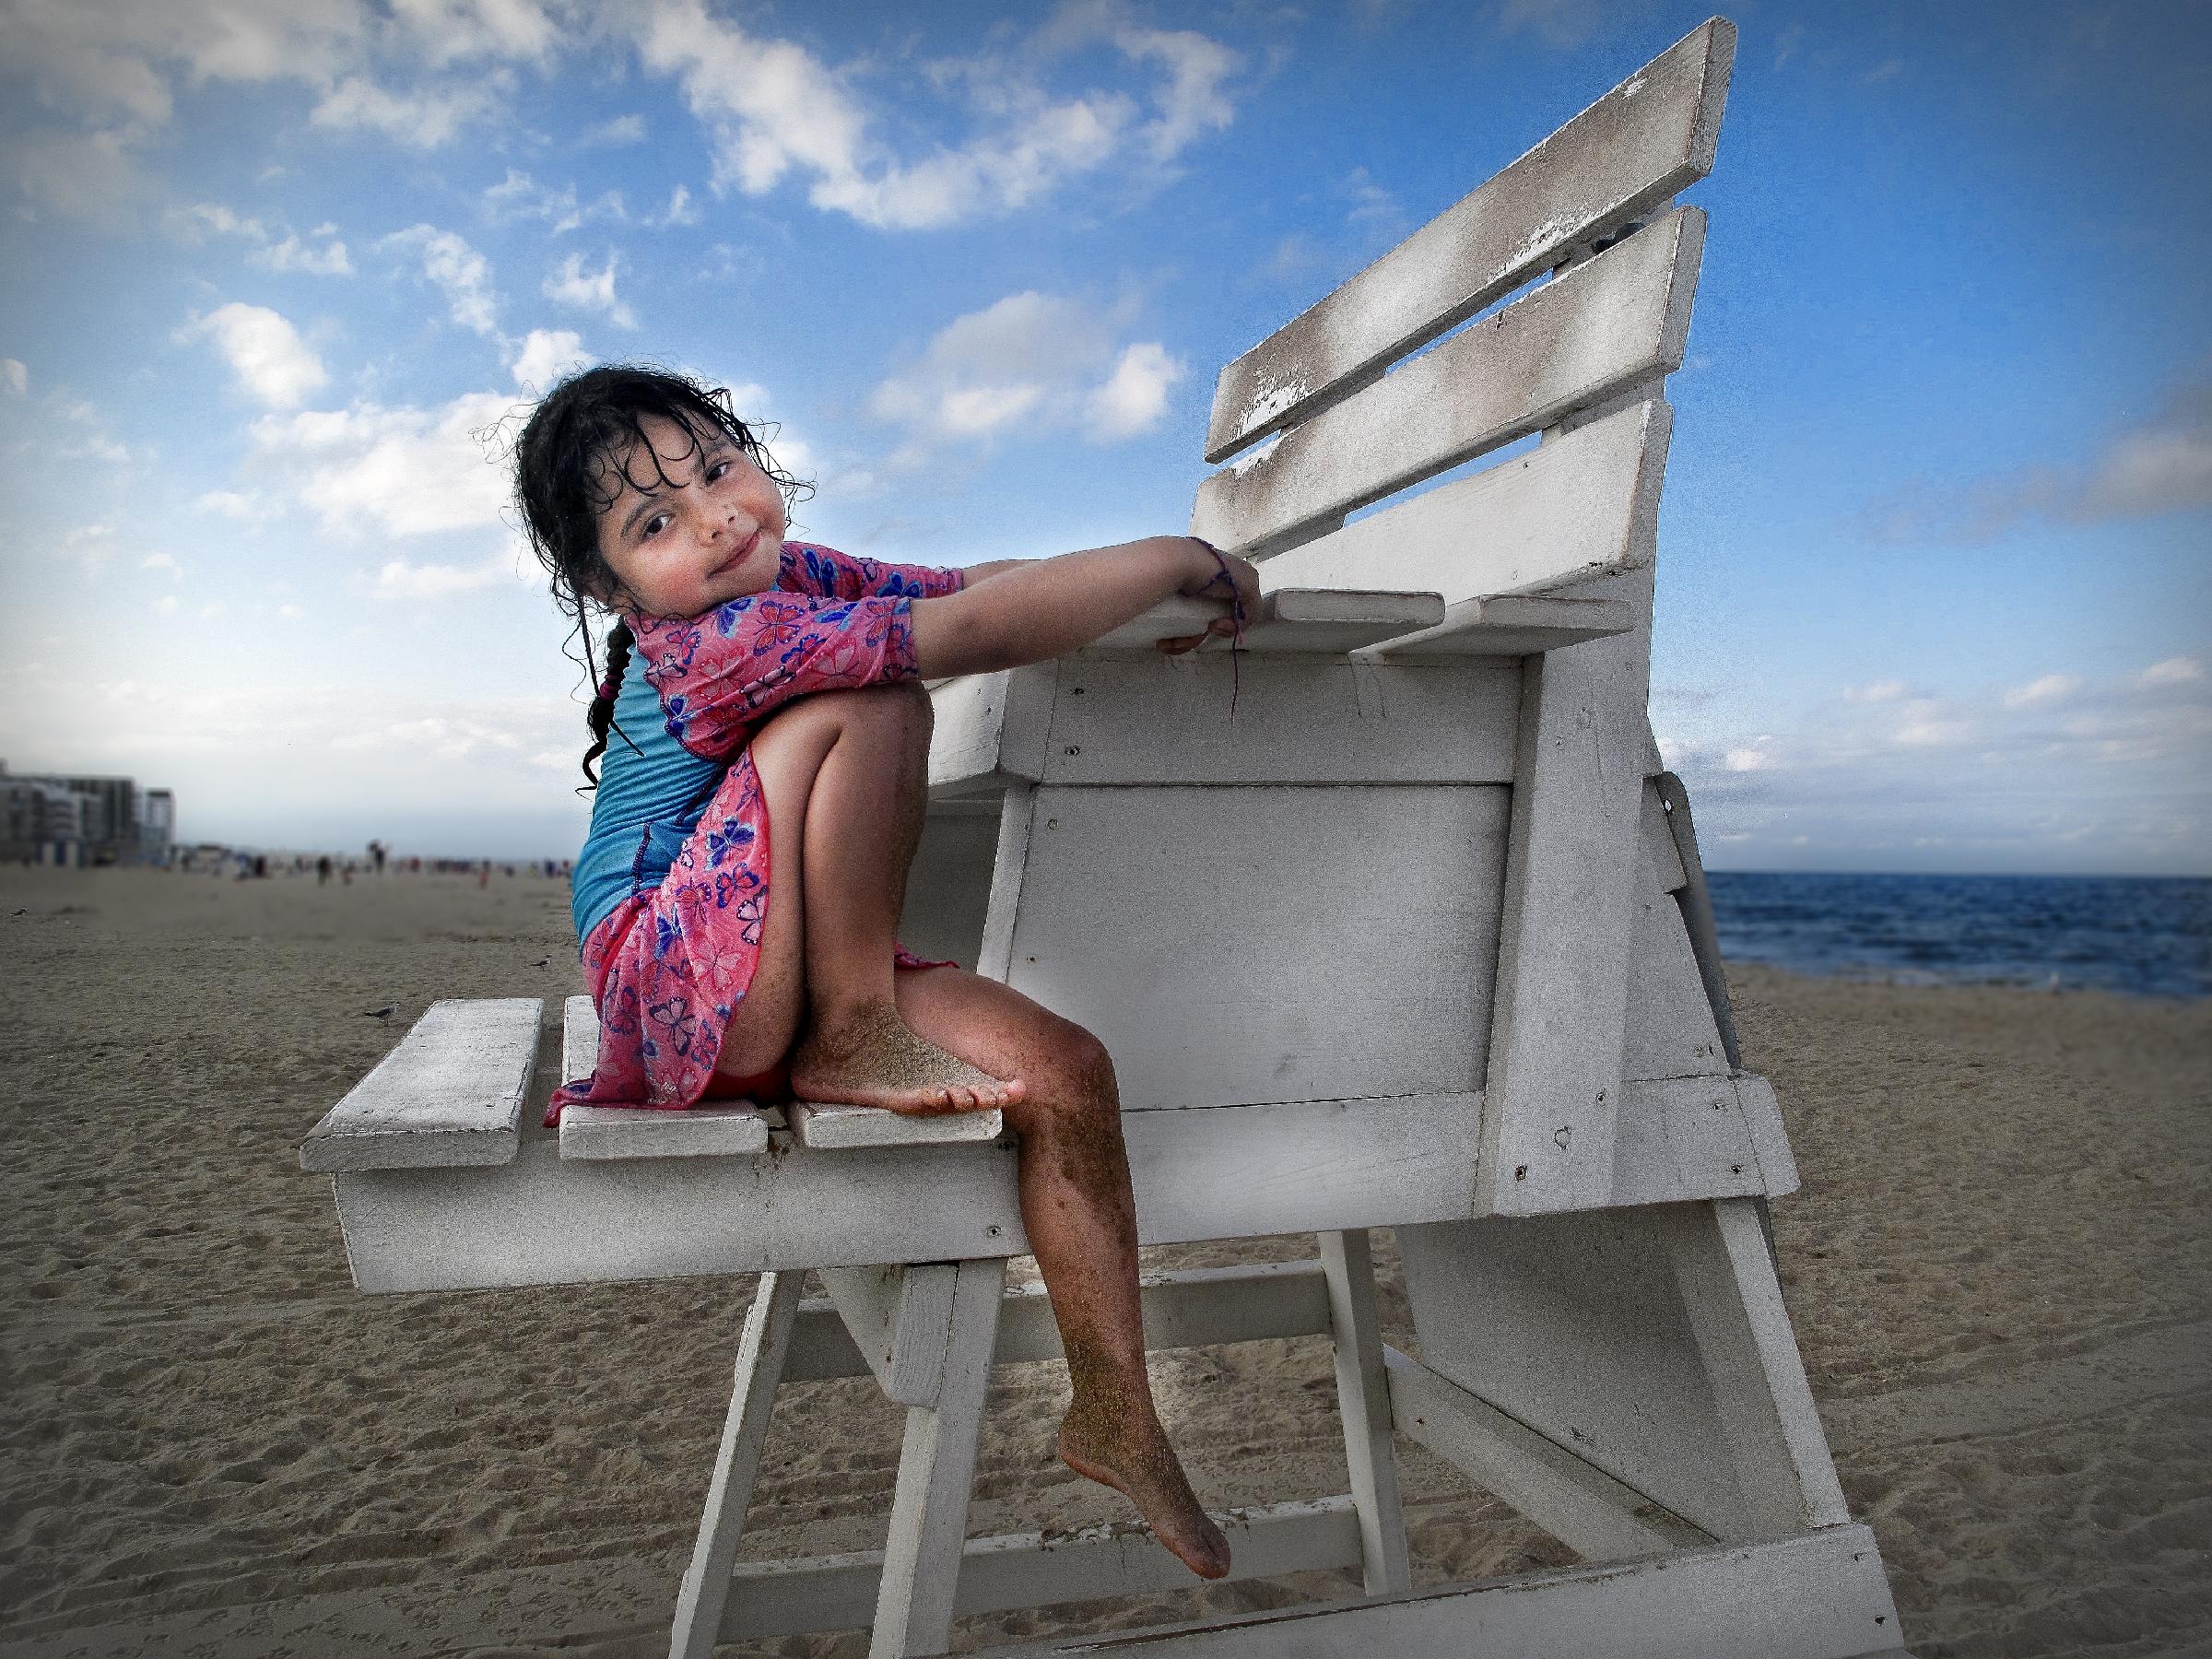 Aria Beach Chair Pose#1.jpg